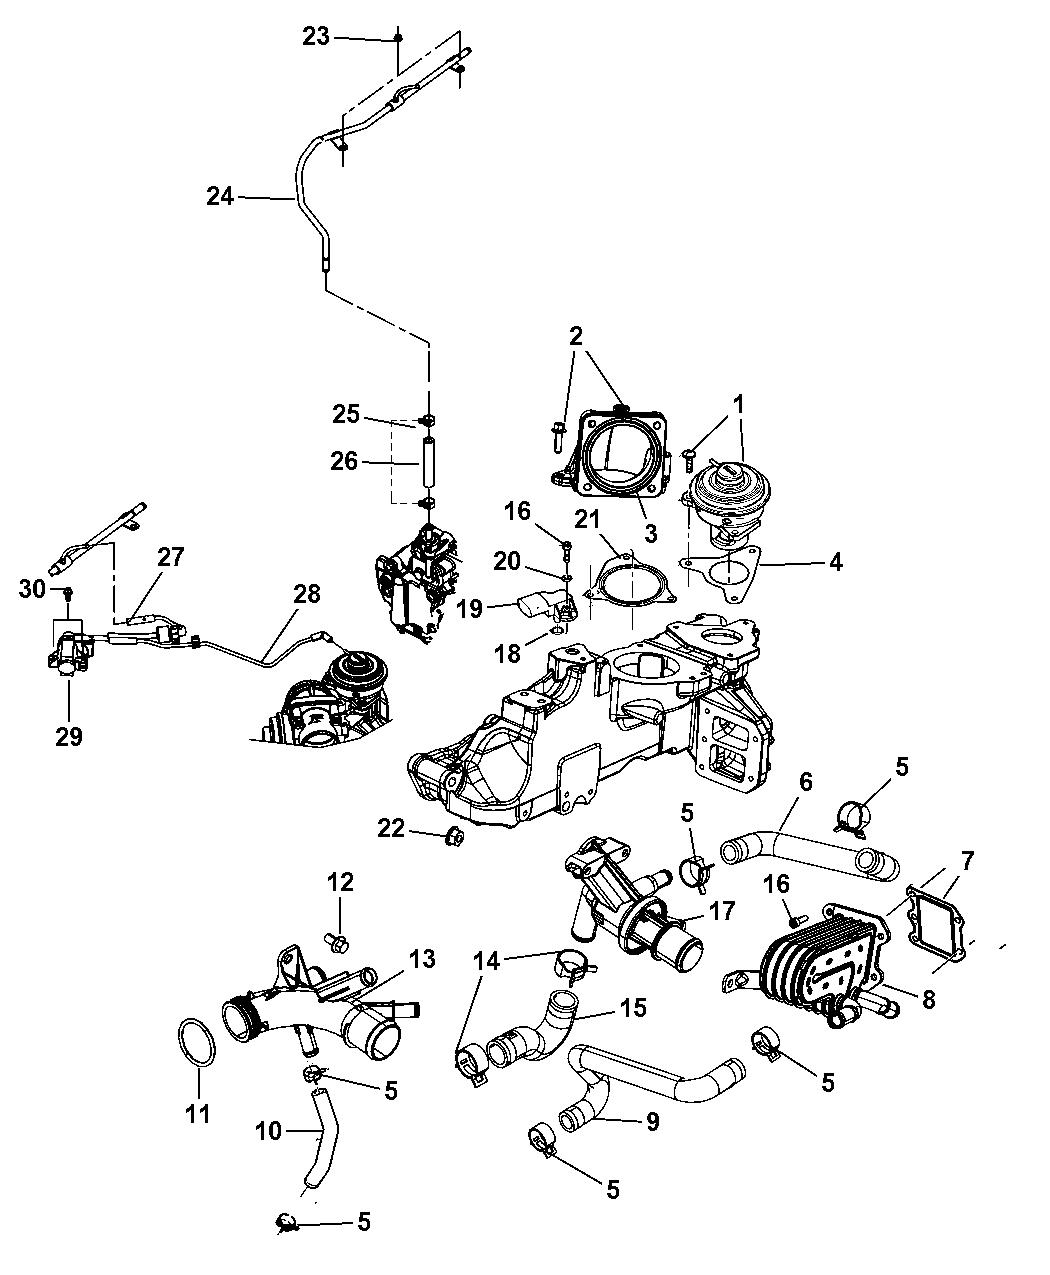 Resource T D Amp S L Amp R Ab C Ee Cf A F A Fea B F Faa B F F B Df C on Jeep Wrangler Vacuum Hose Diagram